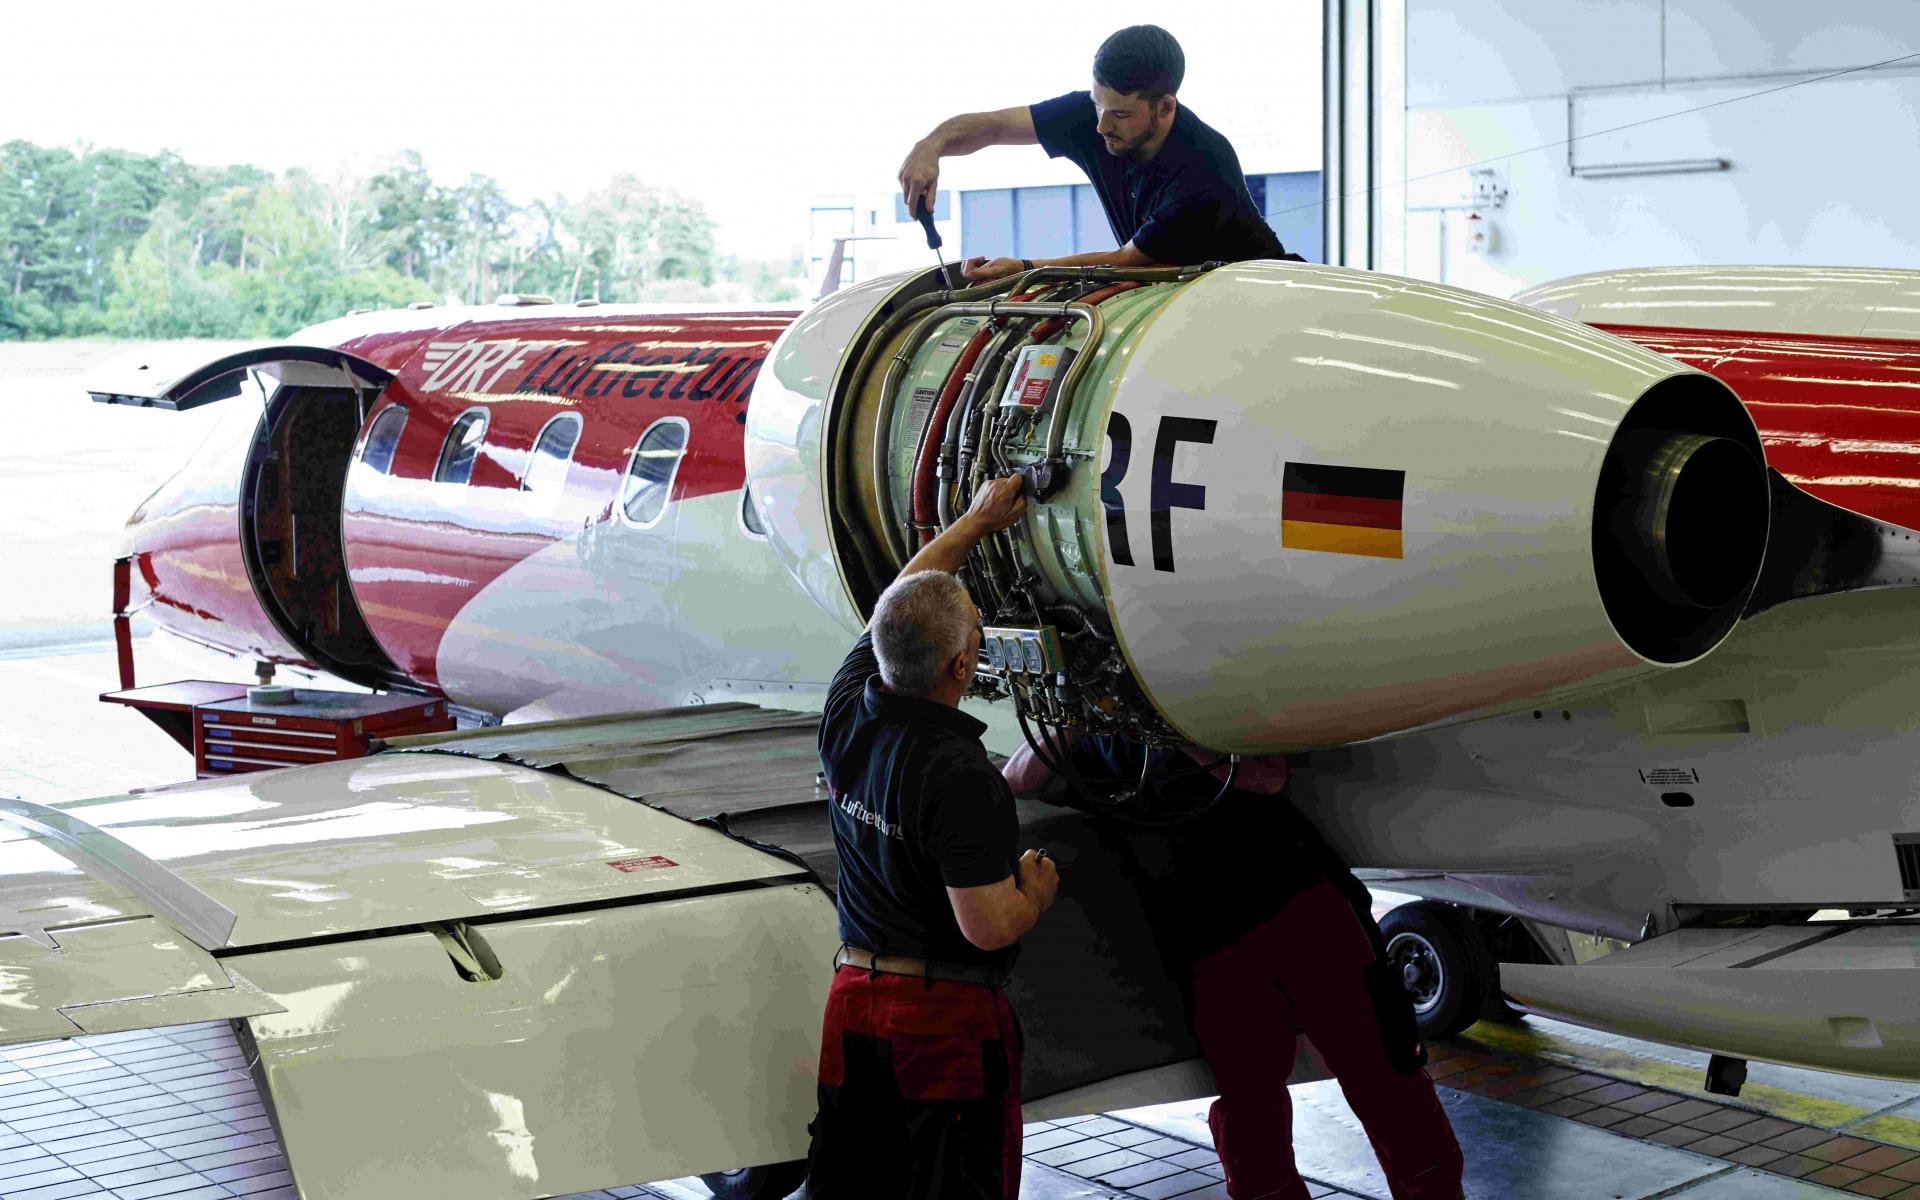 Drei Techniker arbeiten an einem Triebwerk eines Ambulanzflugzeuges der DRF Luftrettung.